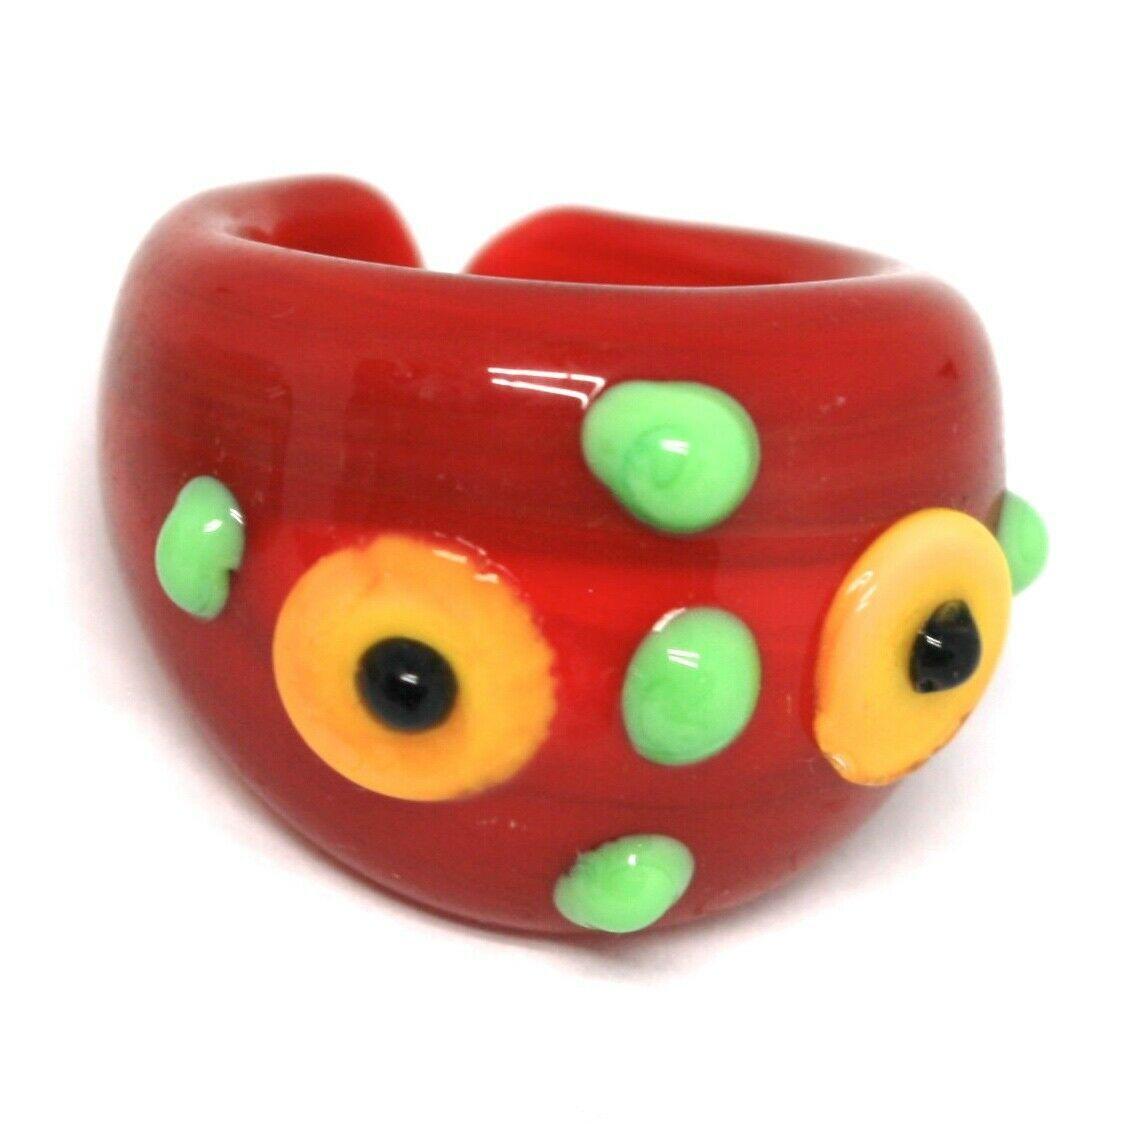 Ring Antica Murrina, Murano Glass, Red, Discs, Polka dot Embossed